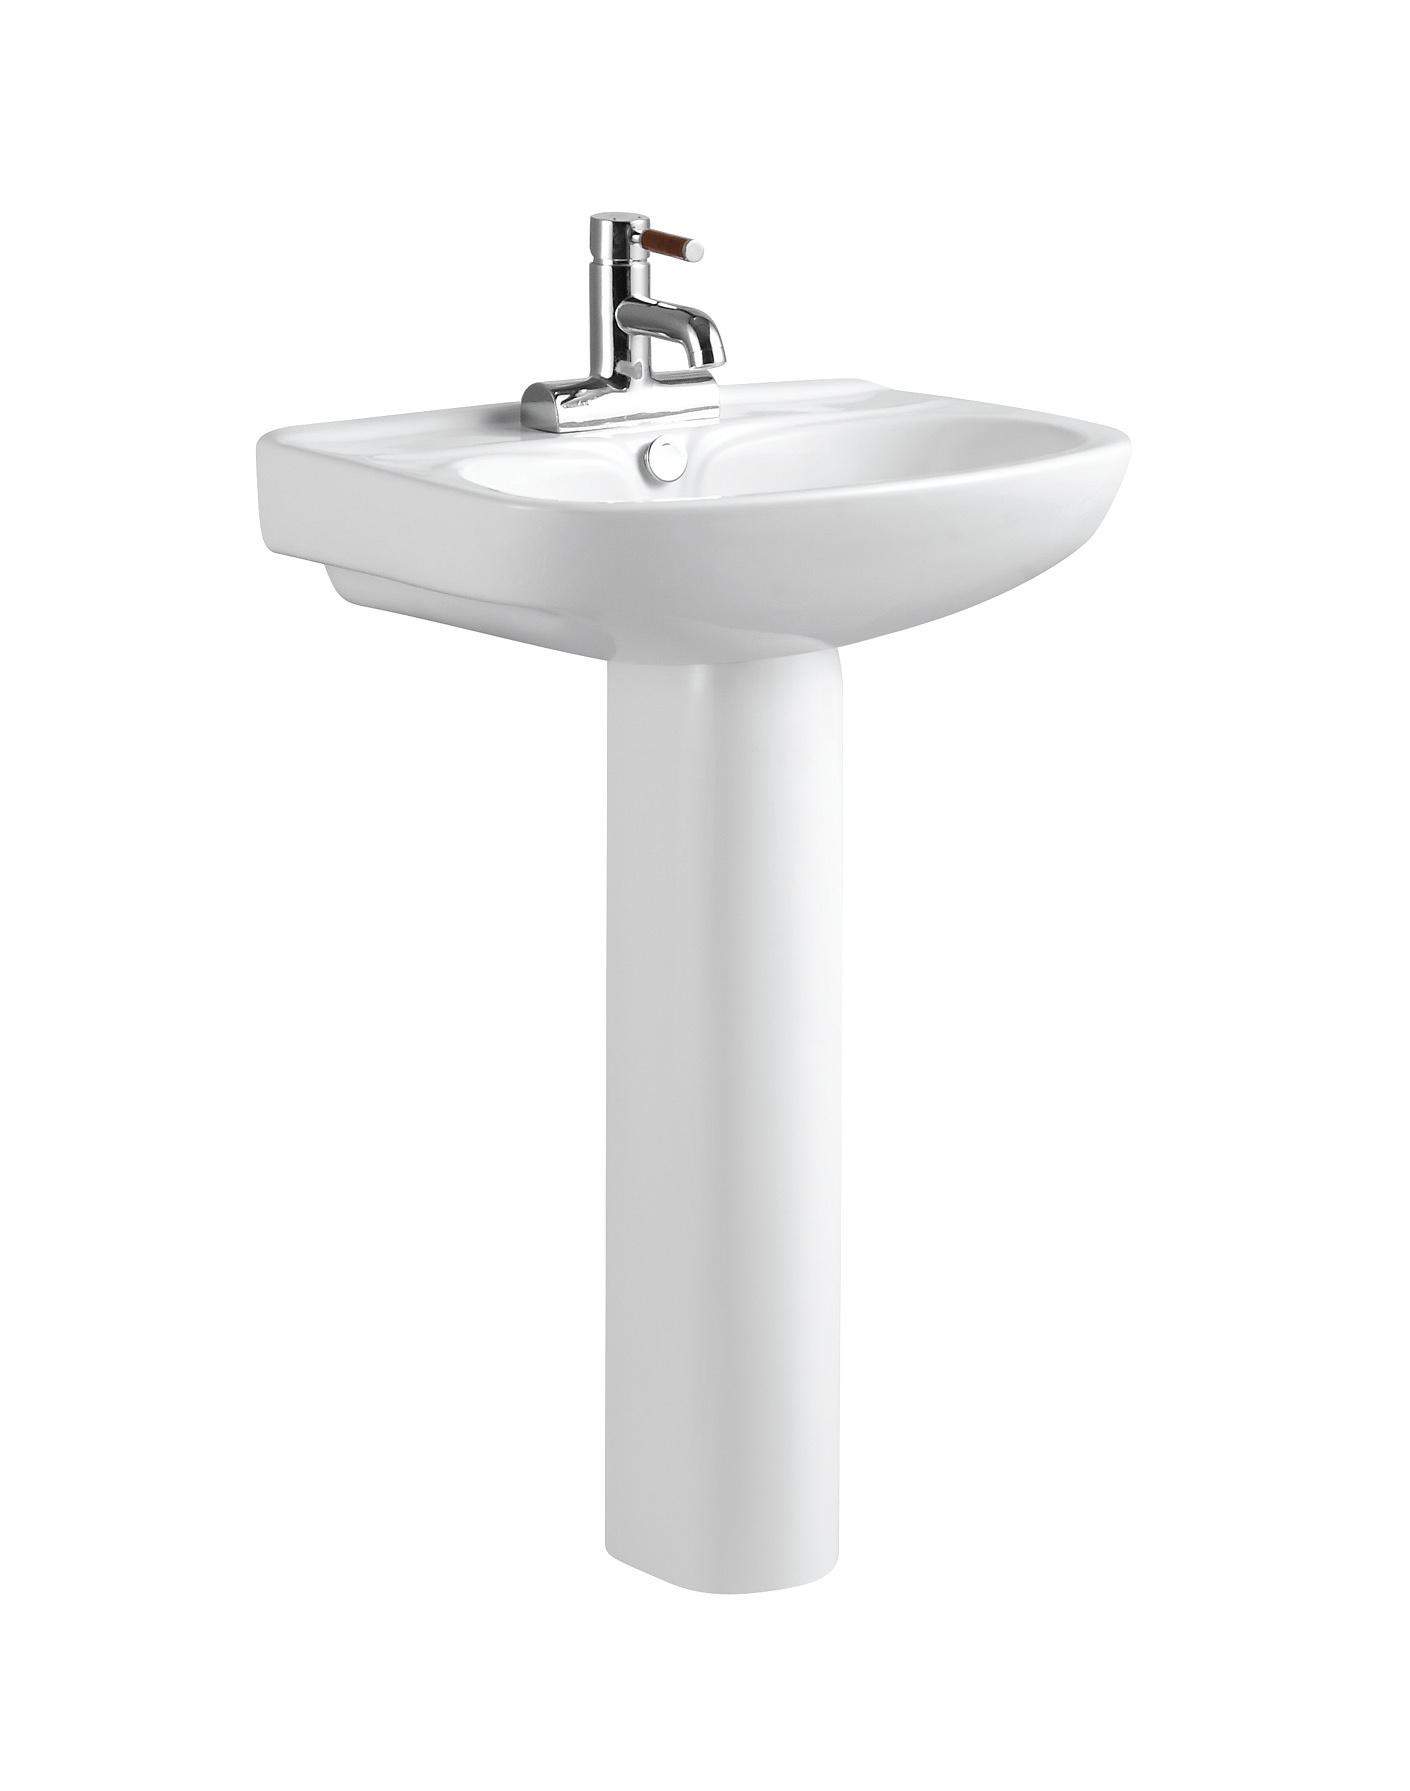 Pedestal Hand Basin : ... Wash Hand Basin With Pedestal C11023 - China Toilet Basin, Wash Basin